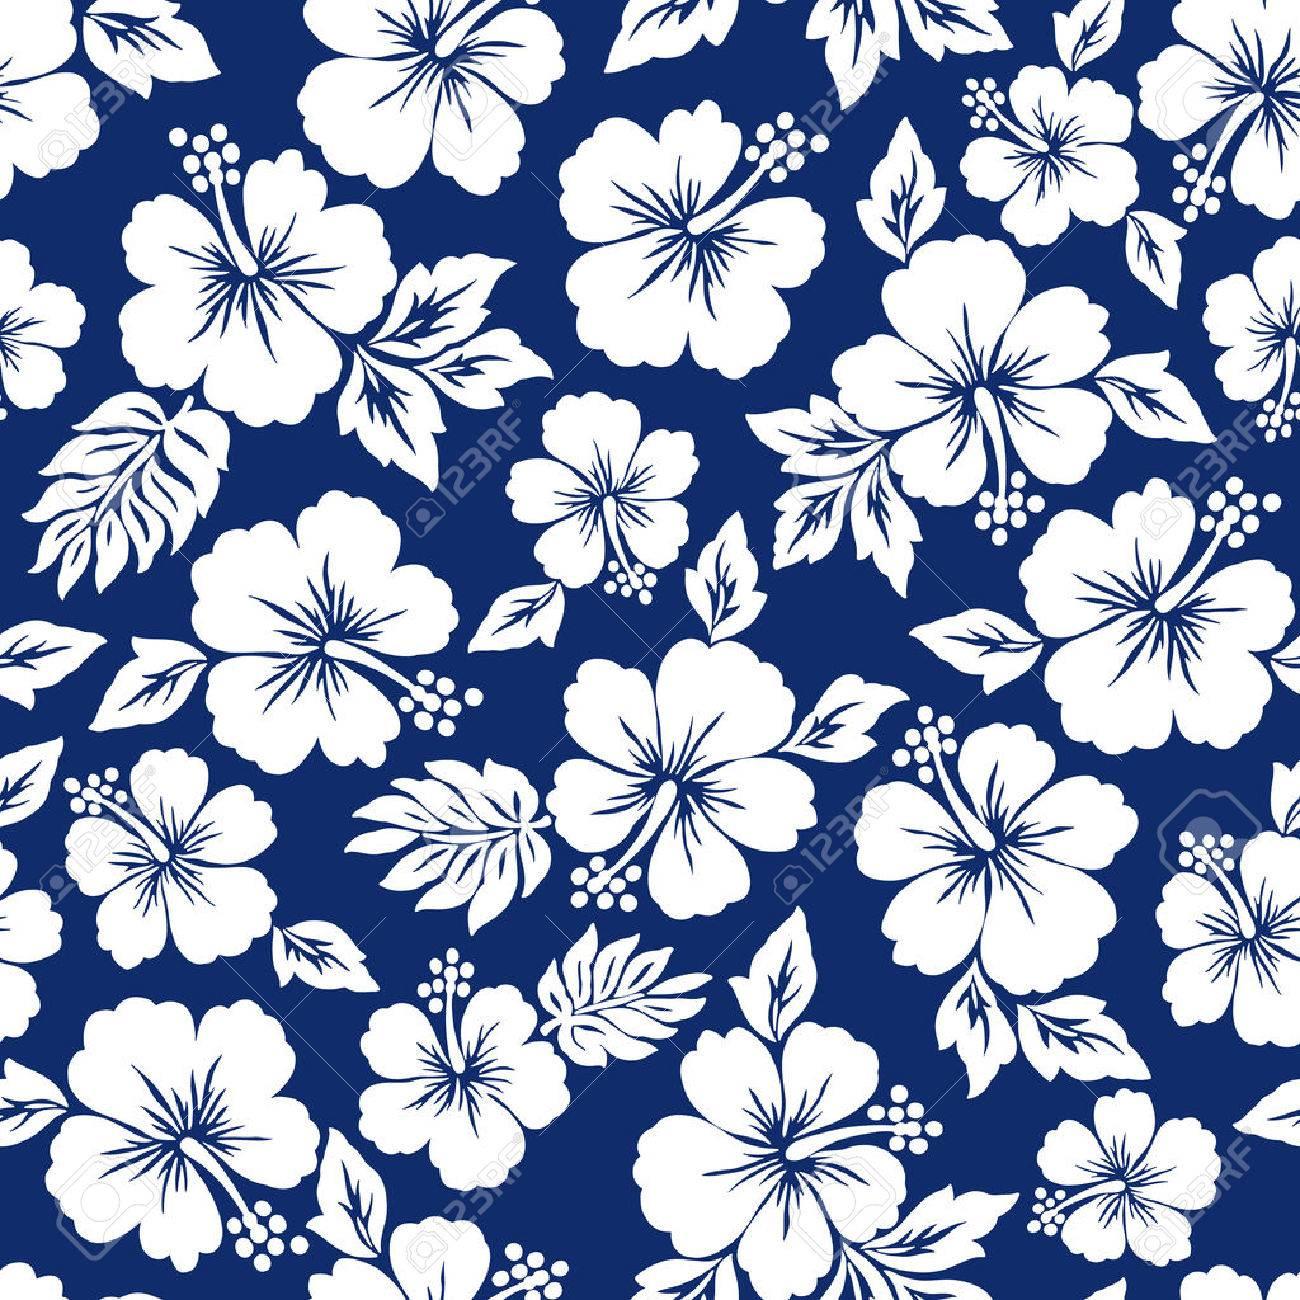 Hibiscus flower pattern - 42516038